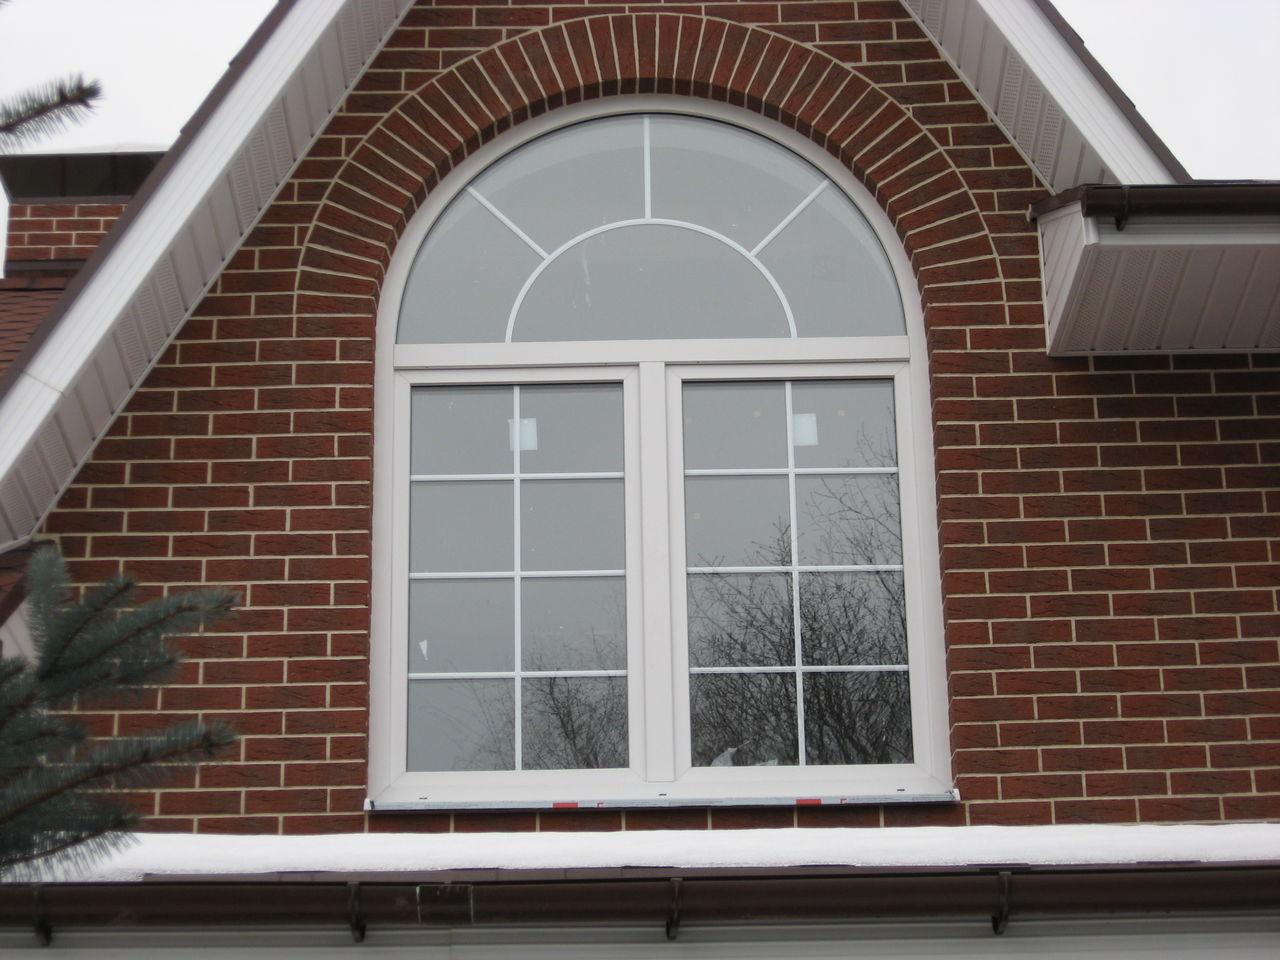 арочные окна в частном доме фото недокус, также